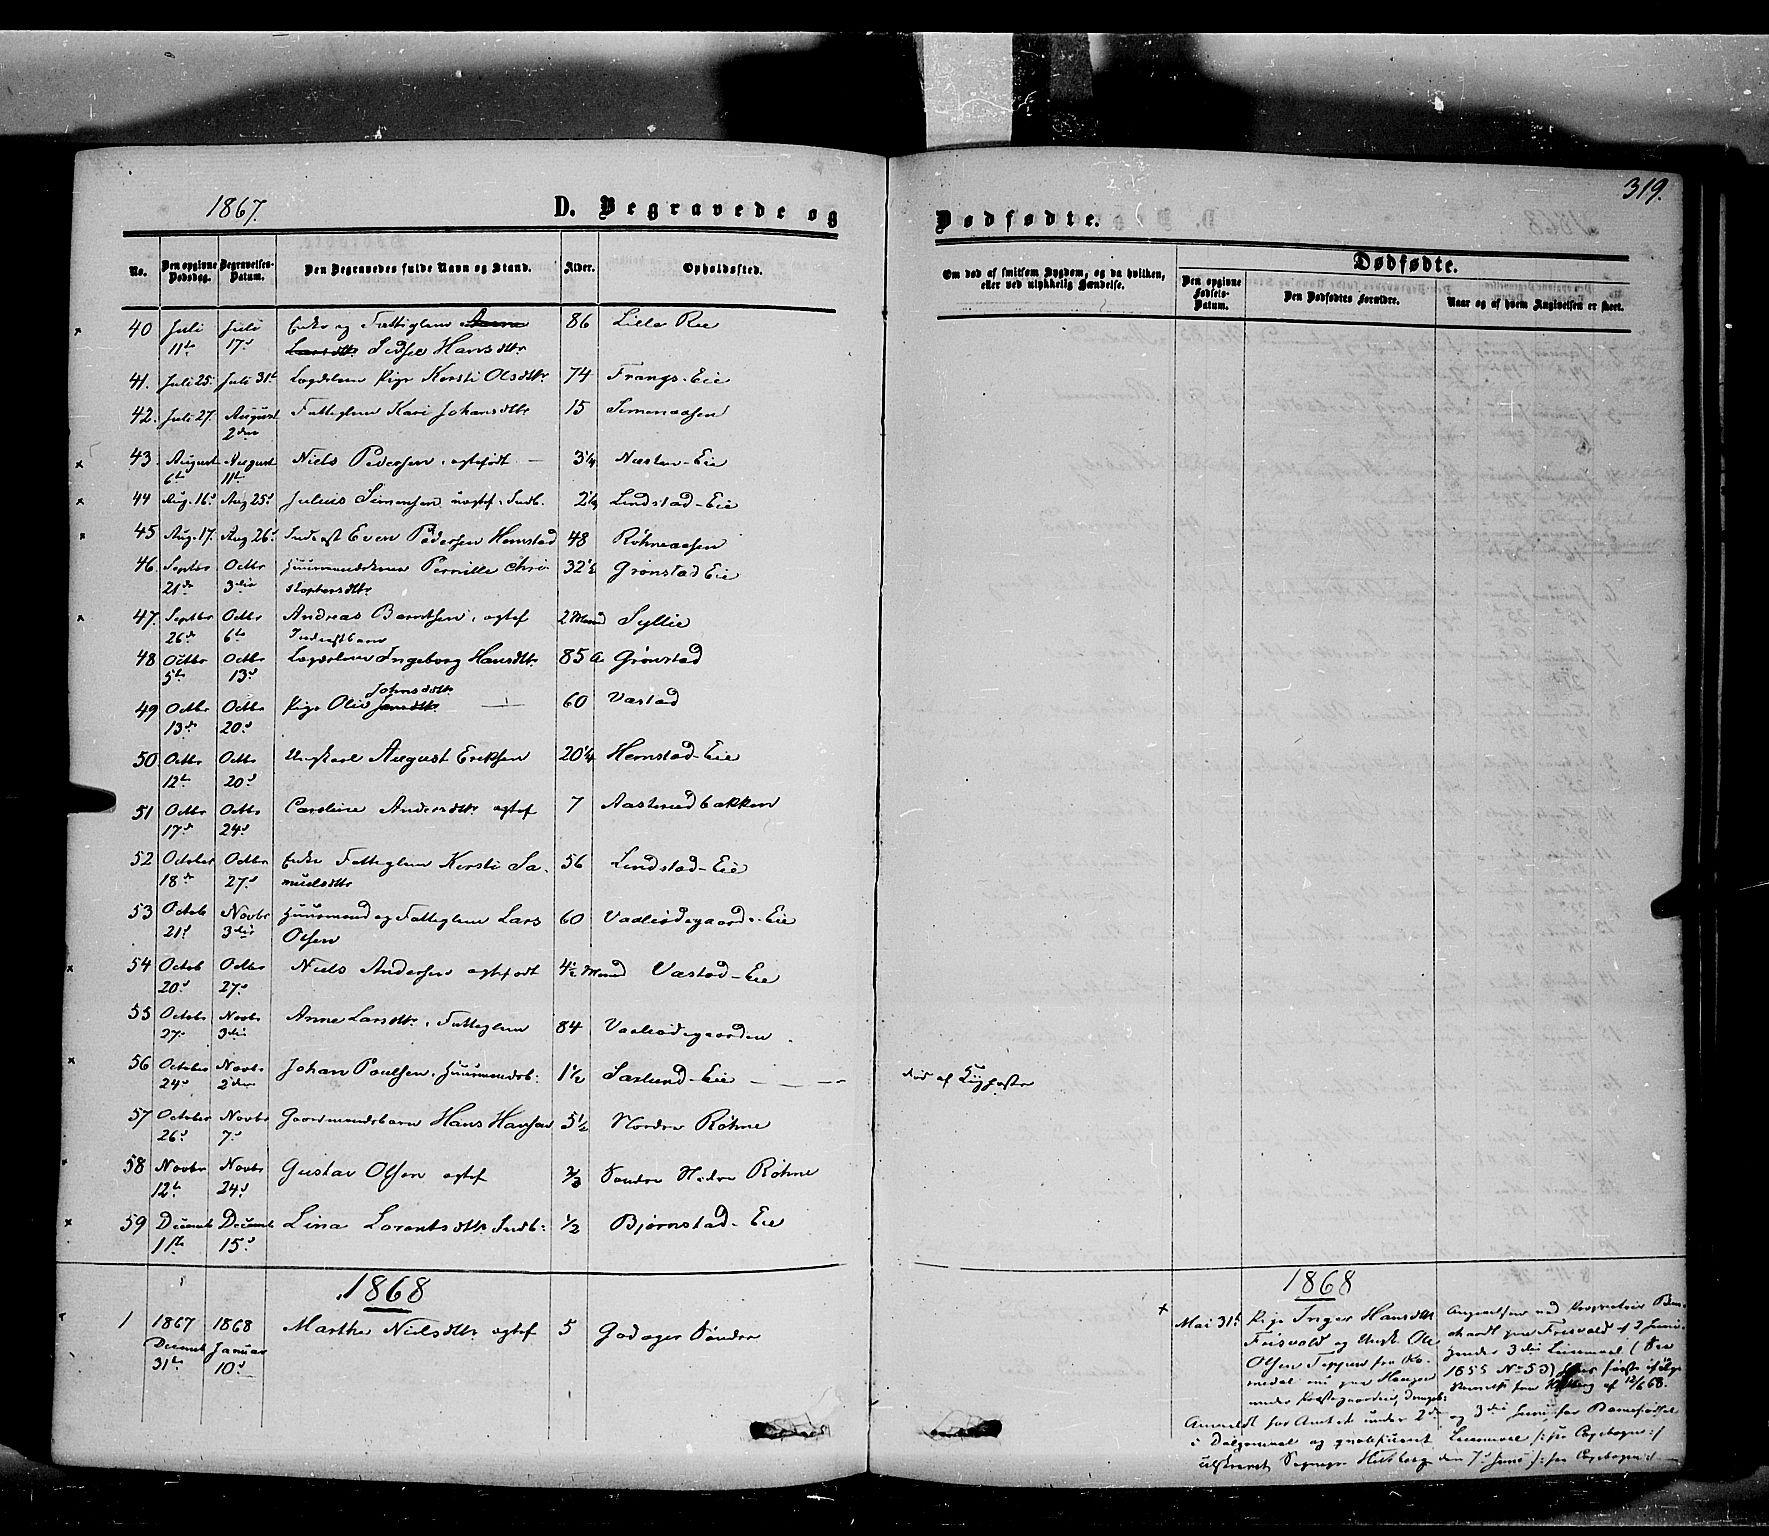 SAH, Stange prestekontor, K/L0013: Parish register (official) no. 13, 1862-1879, p. 319